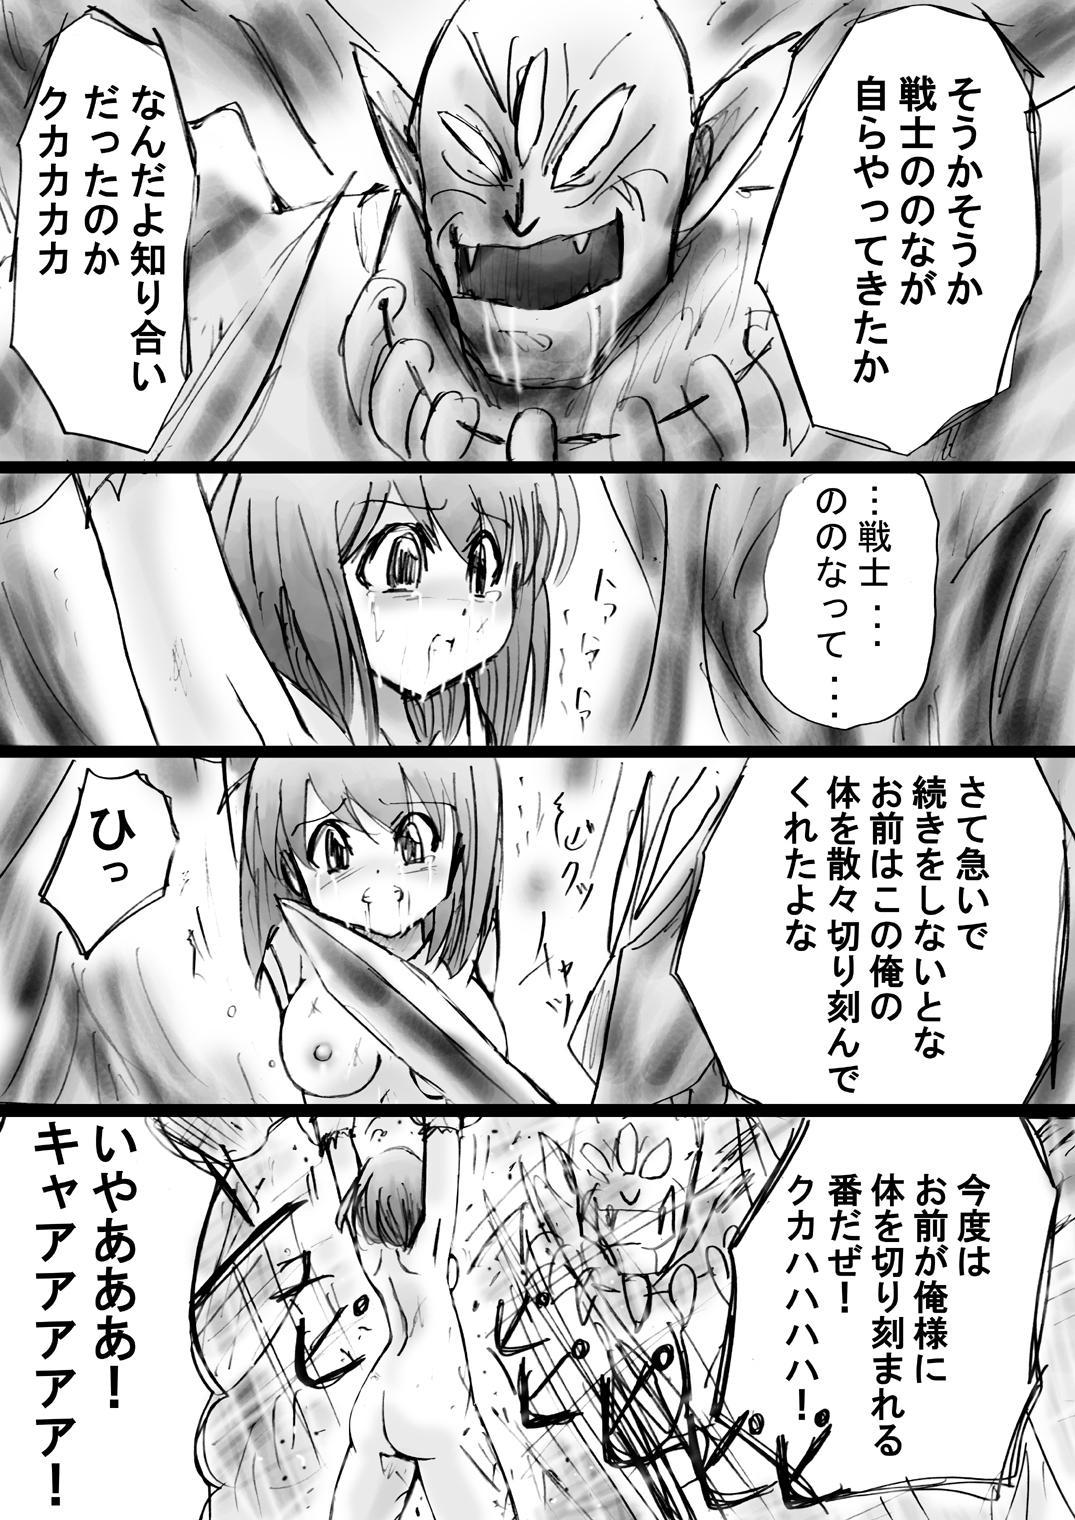 [Dende] Fushigi Sekai -Mystery World- no Nona 17 ~ Taiketsu Fujimi no Dai Inma Dakurasu, Kanzen Sekka no Kyoufu 26